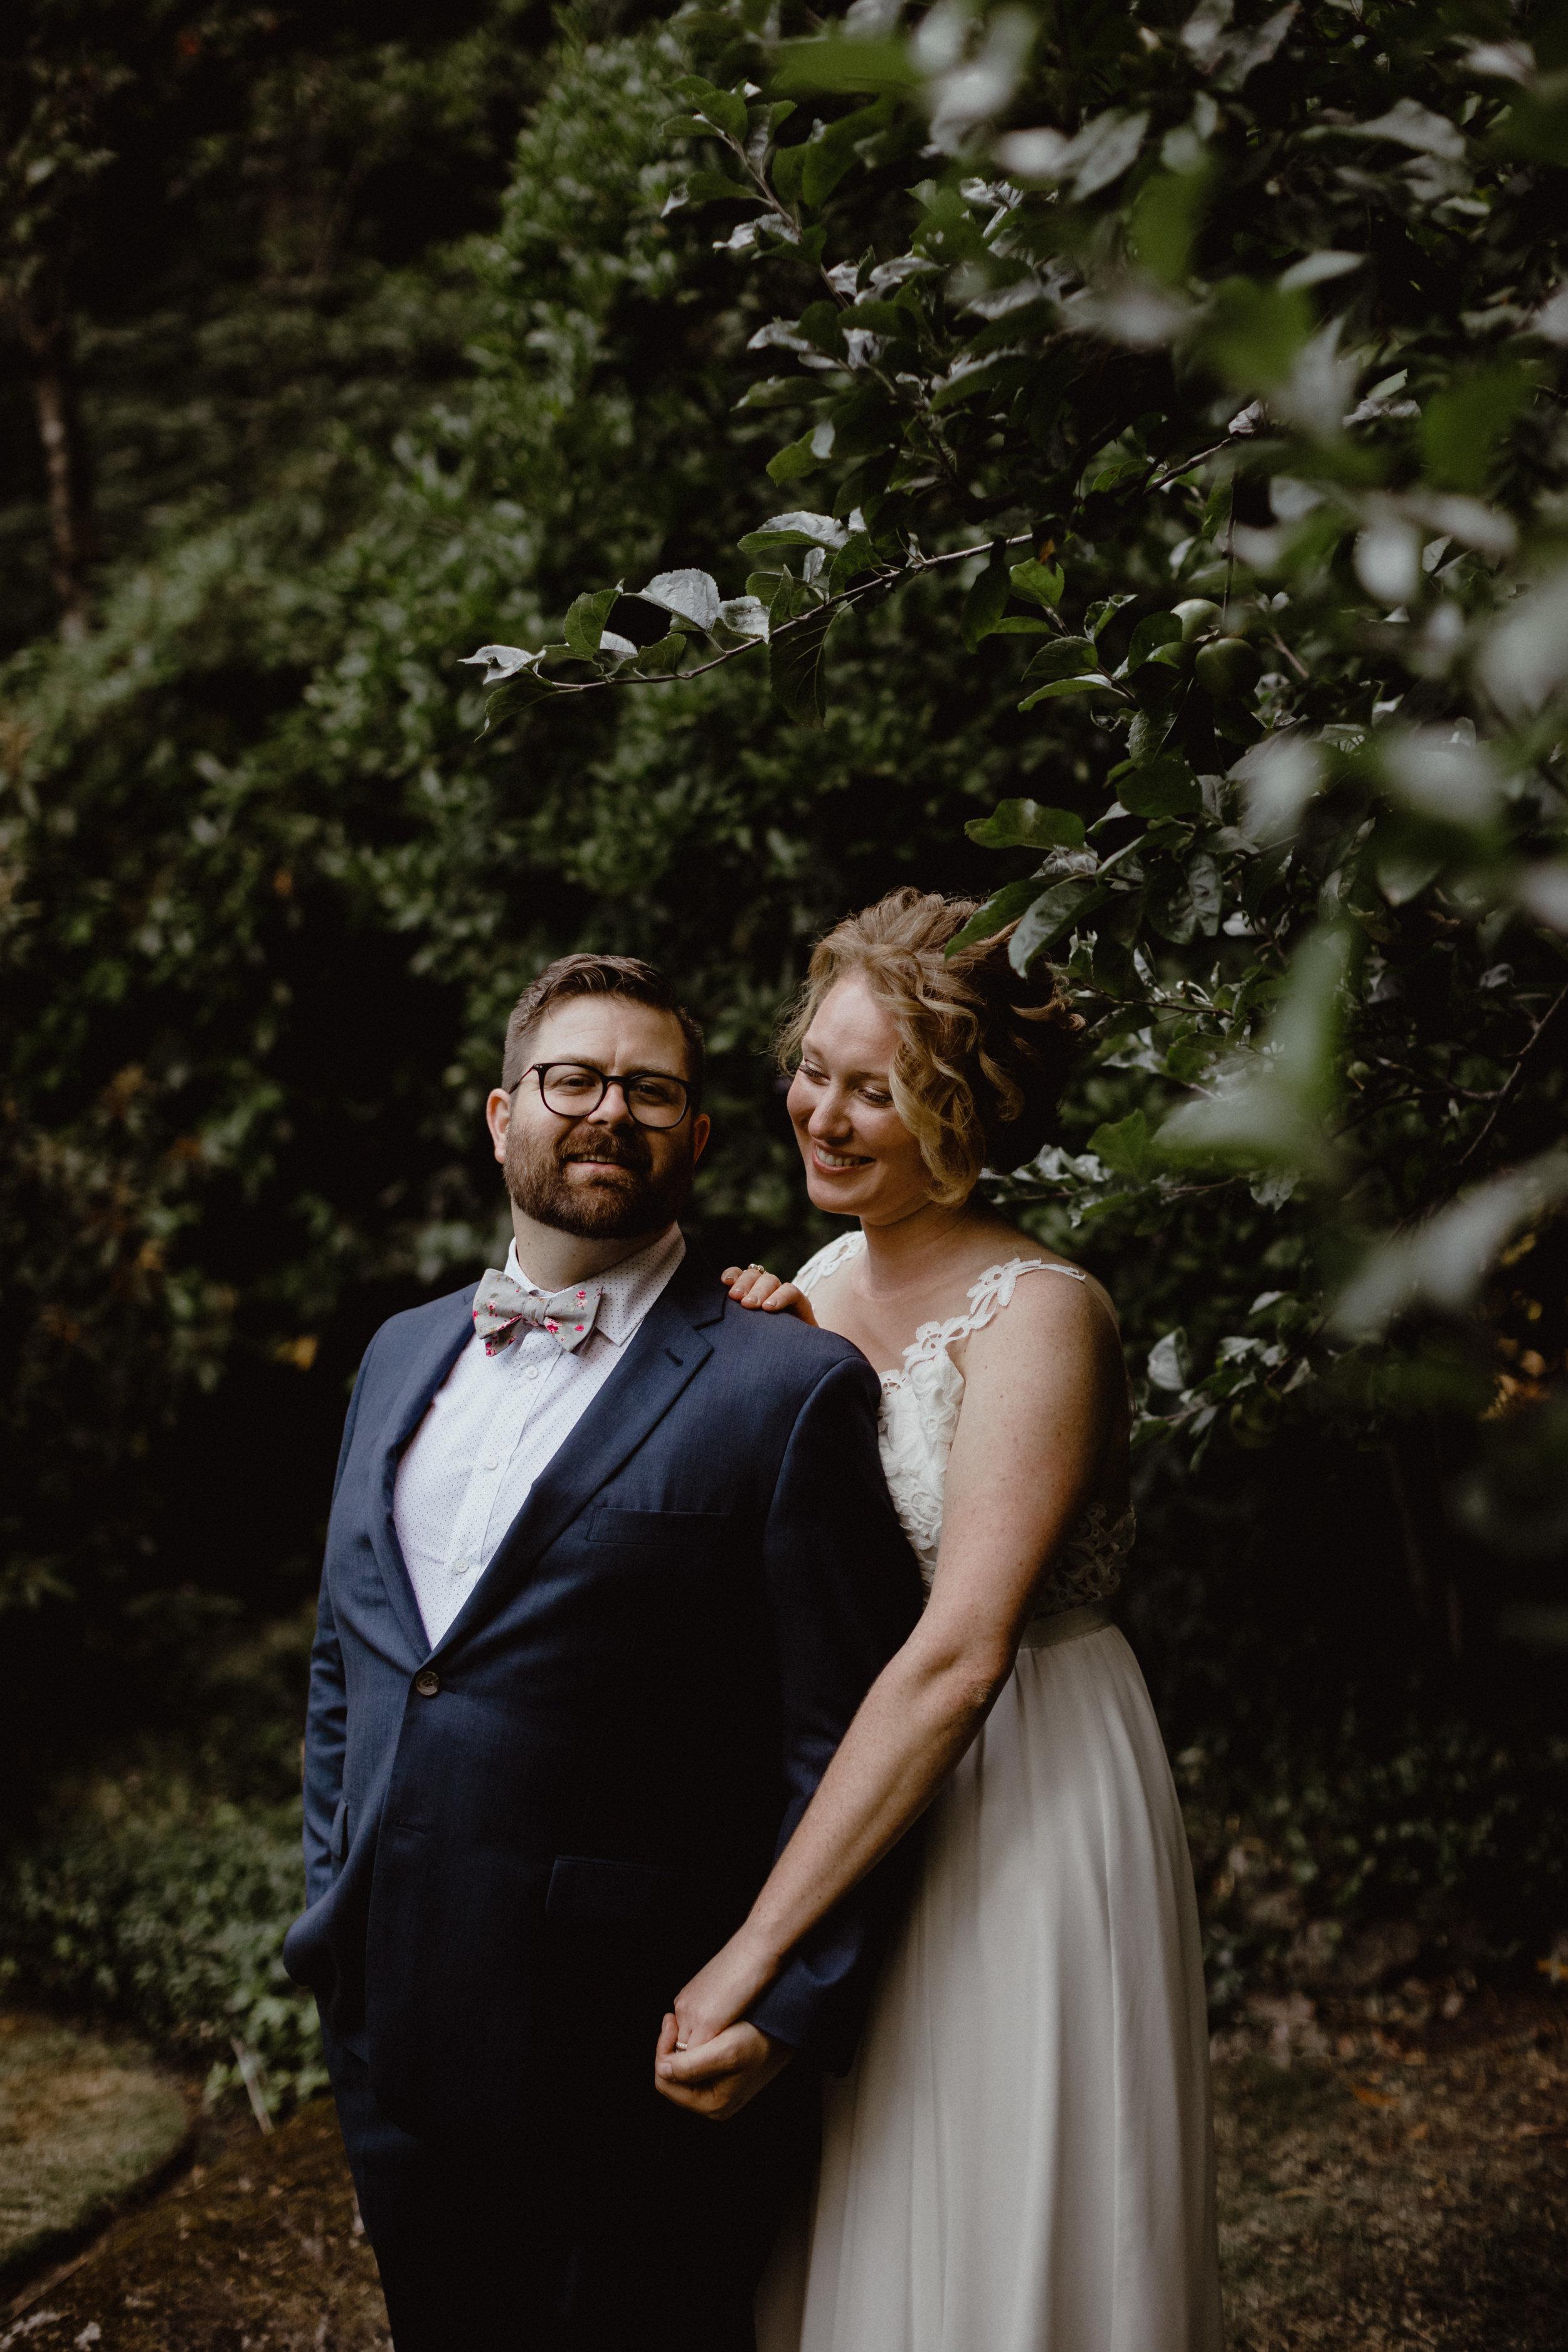 west-vancouver-backyard-wedding-183.jpg